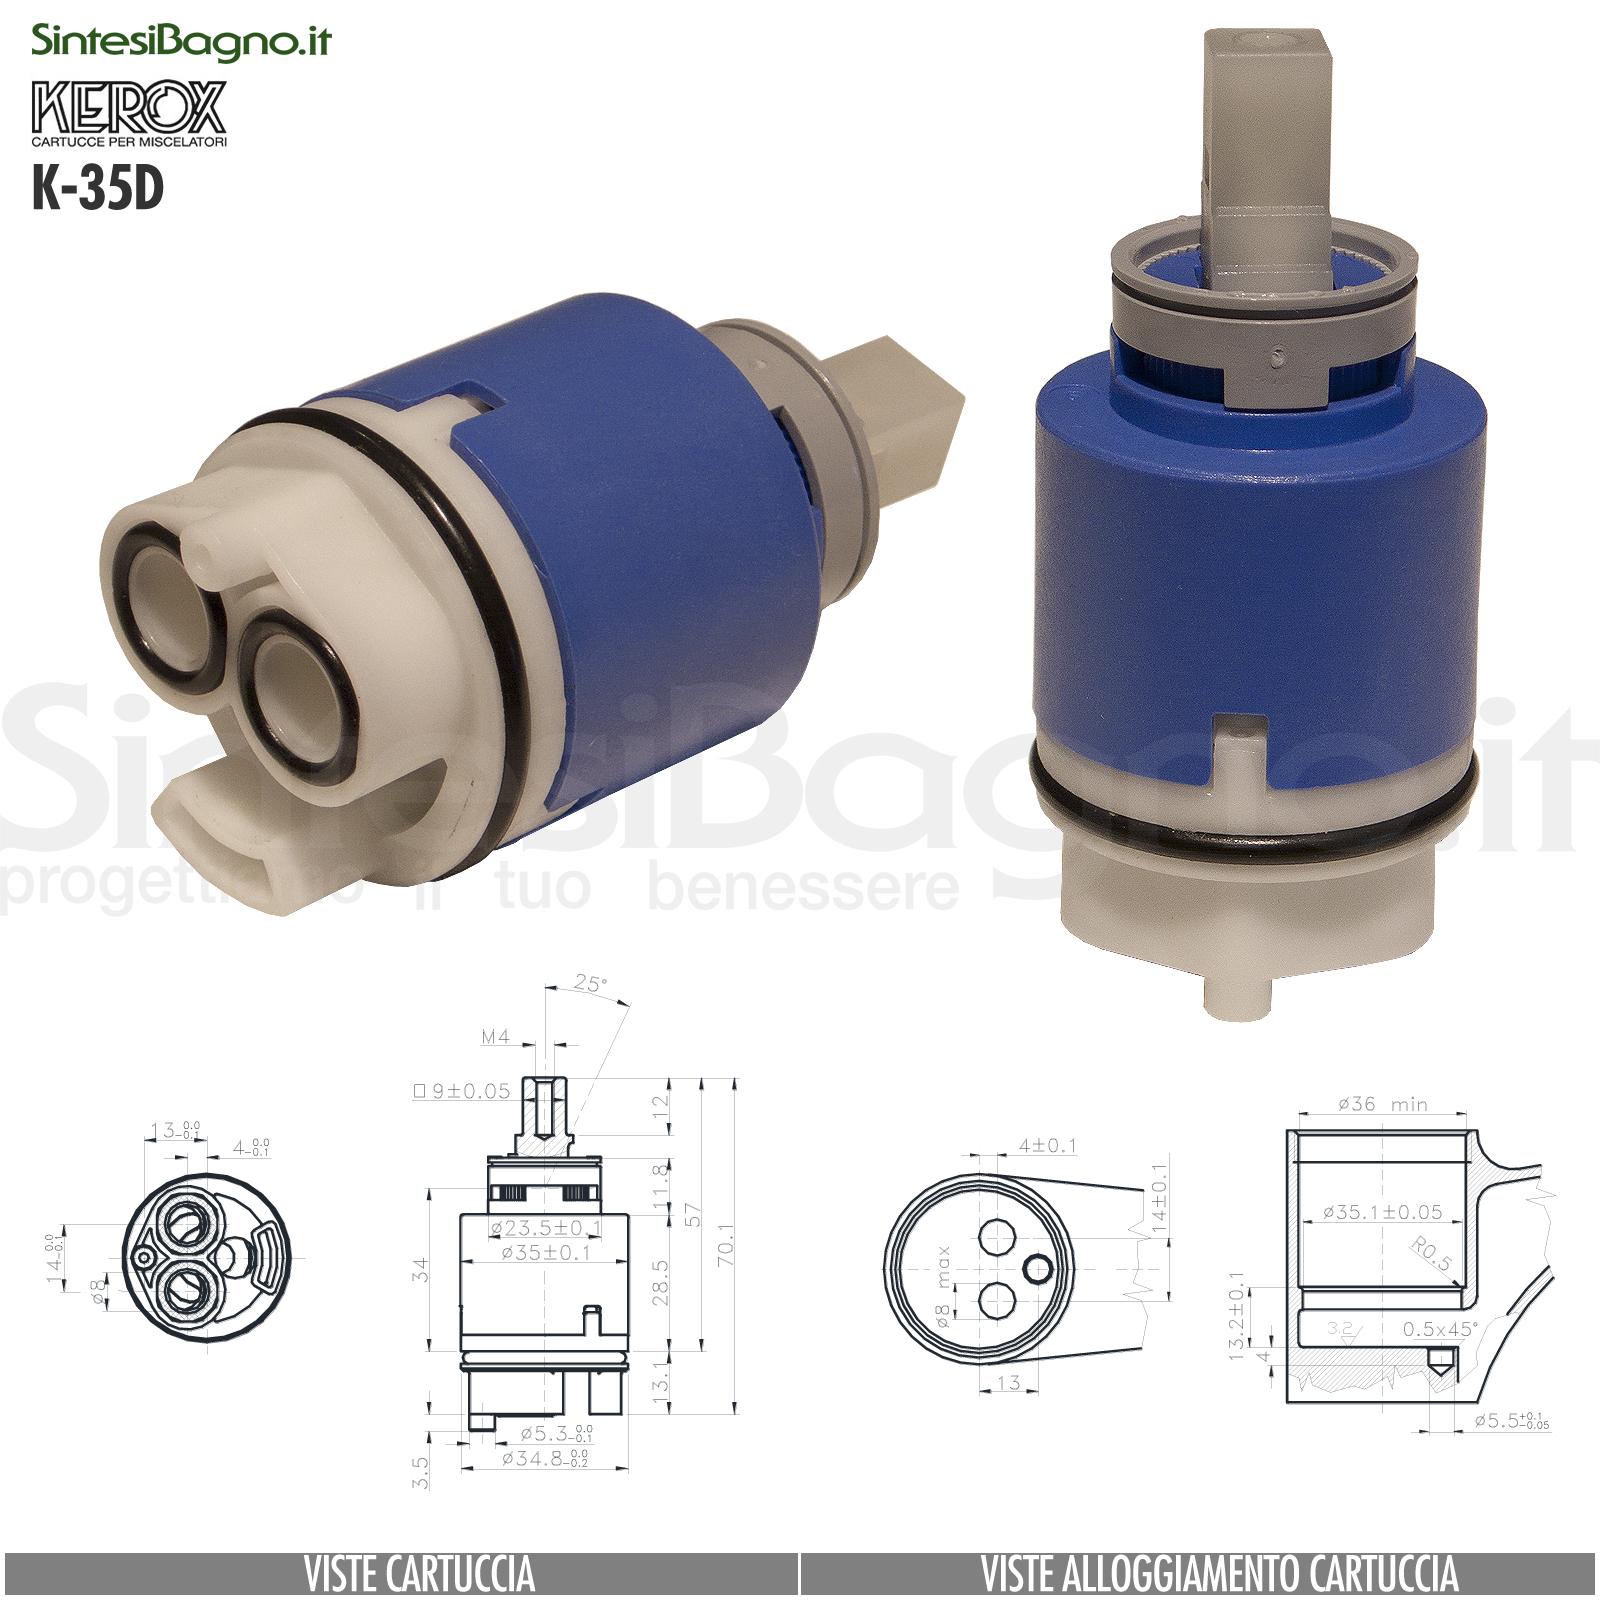 KEROX K 35 D | Cartuccia KEROX K-35D di ricambio per miscelatore monocomando Ø 35 mm